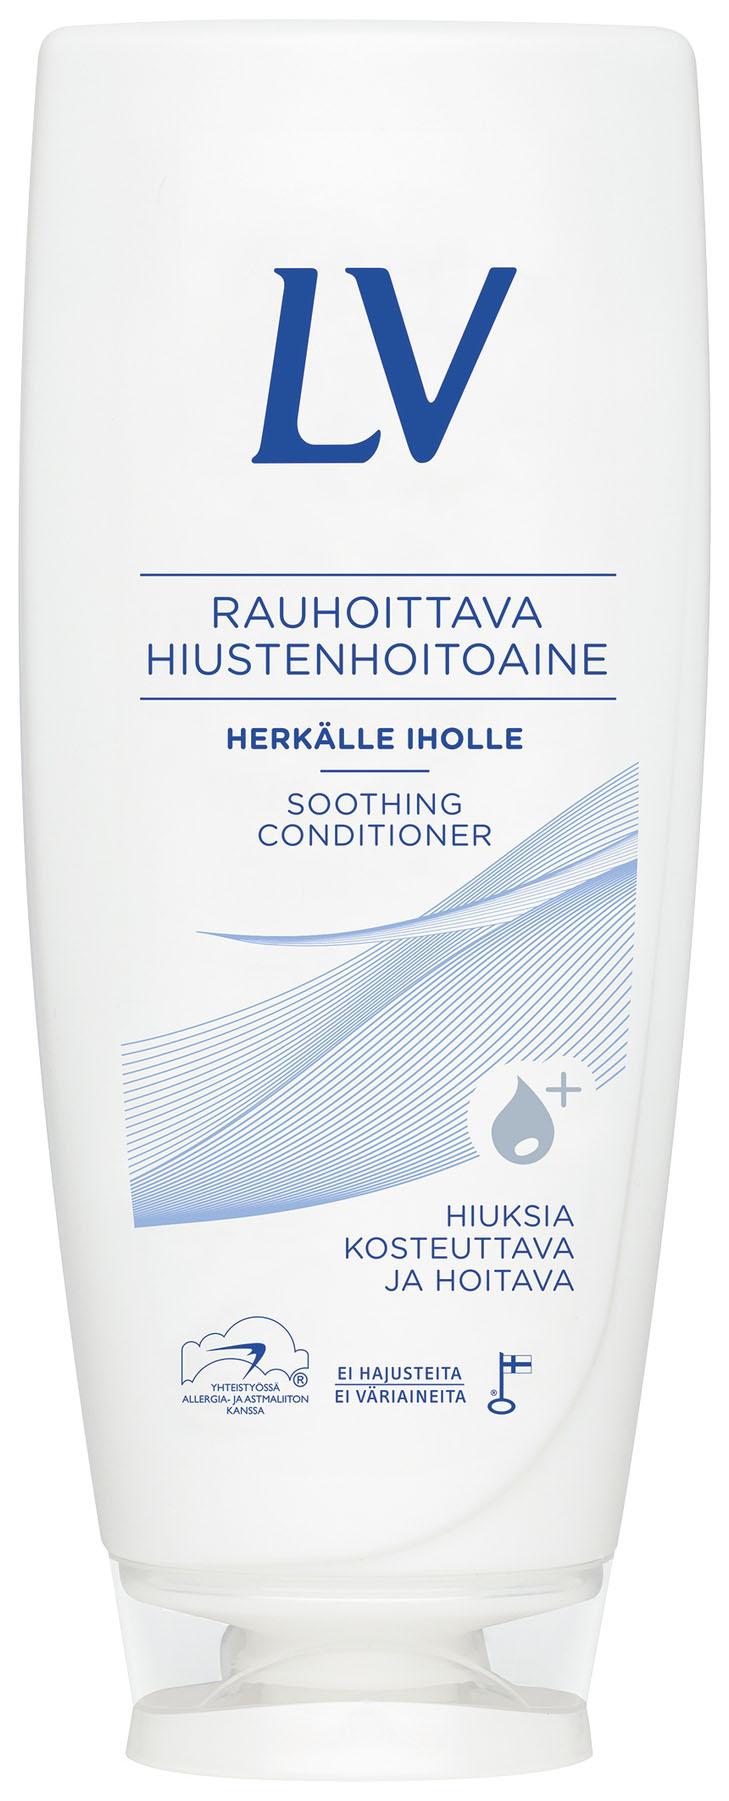 Кондиционер для волос LV Rauhoittava hiustenhoitoaine